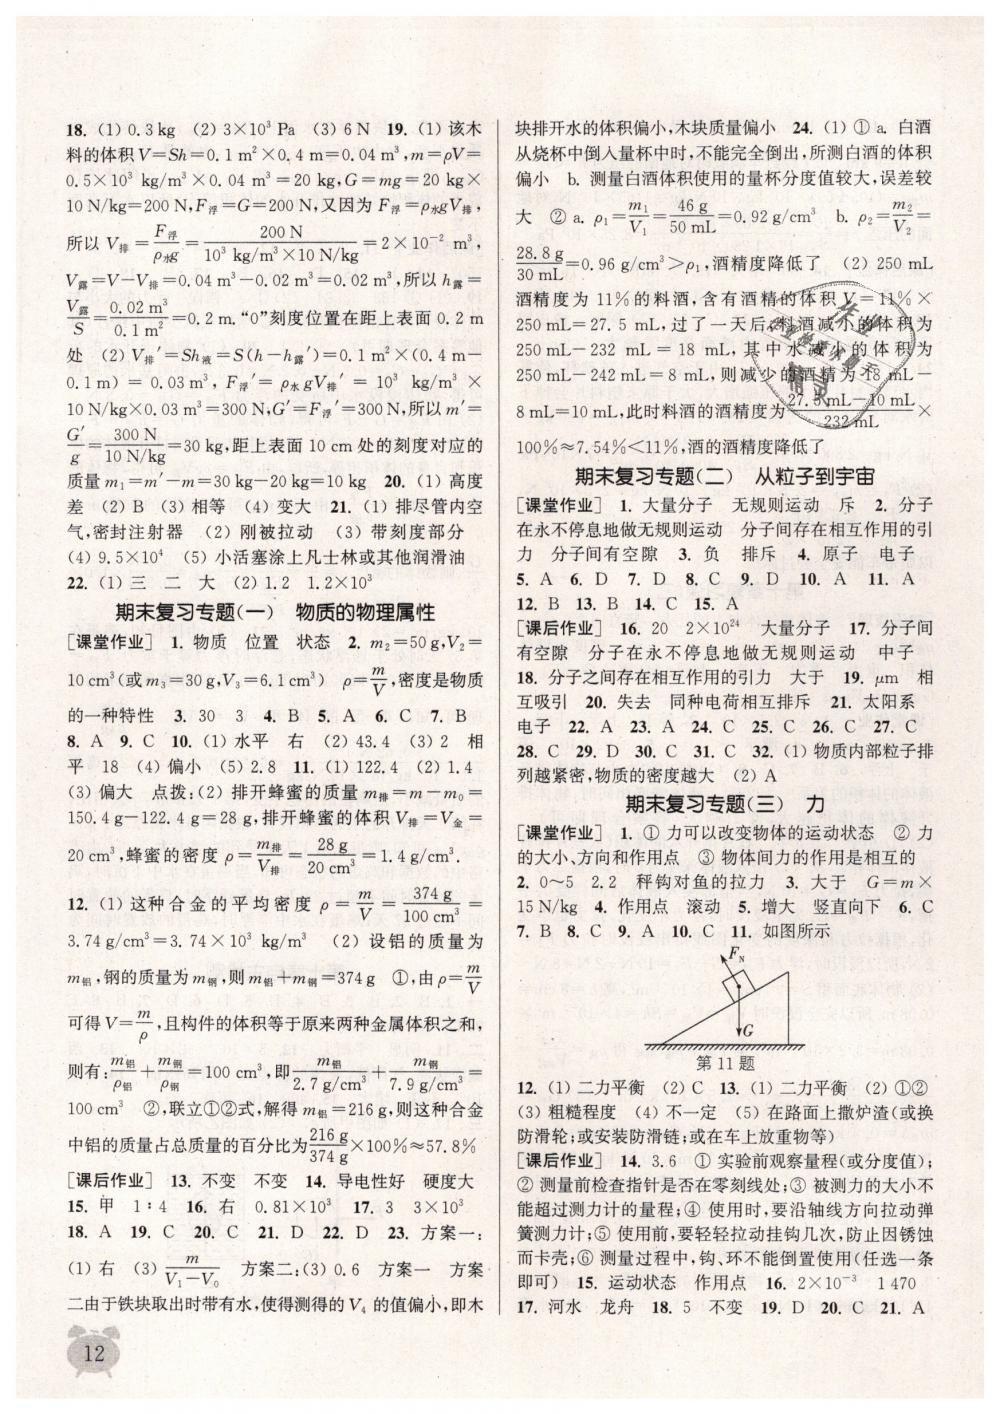 2019年通城学典课时作业本八年级物理下册苏科版江苏专用第12页